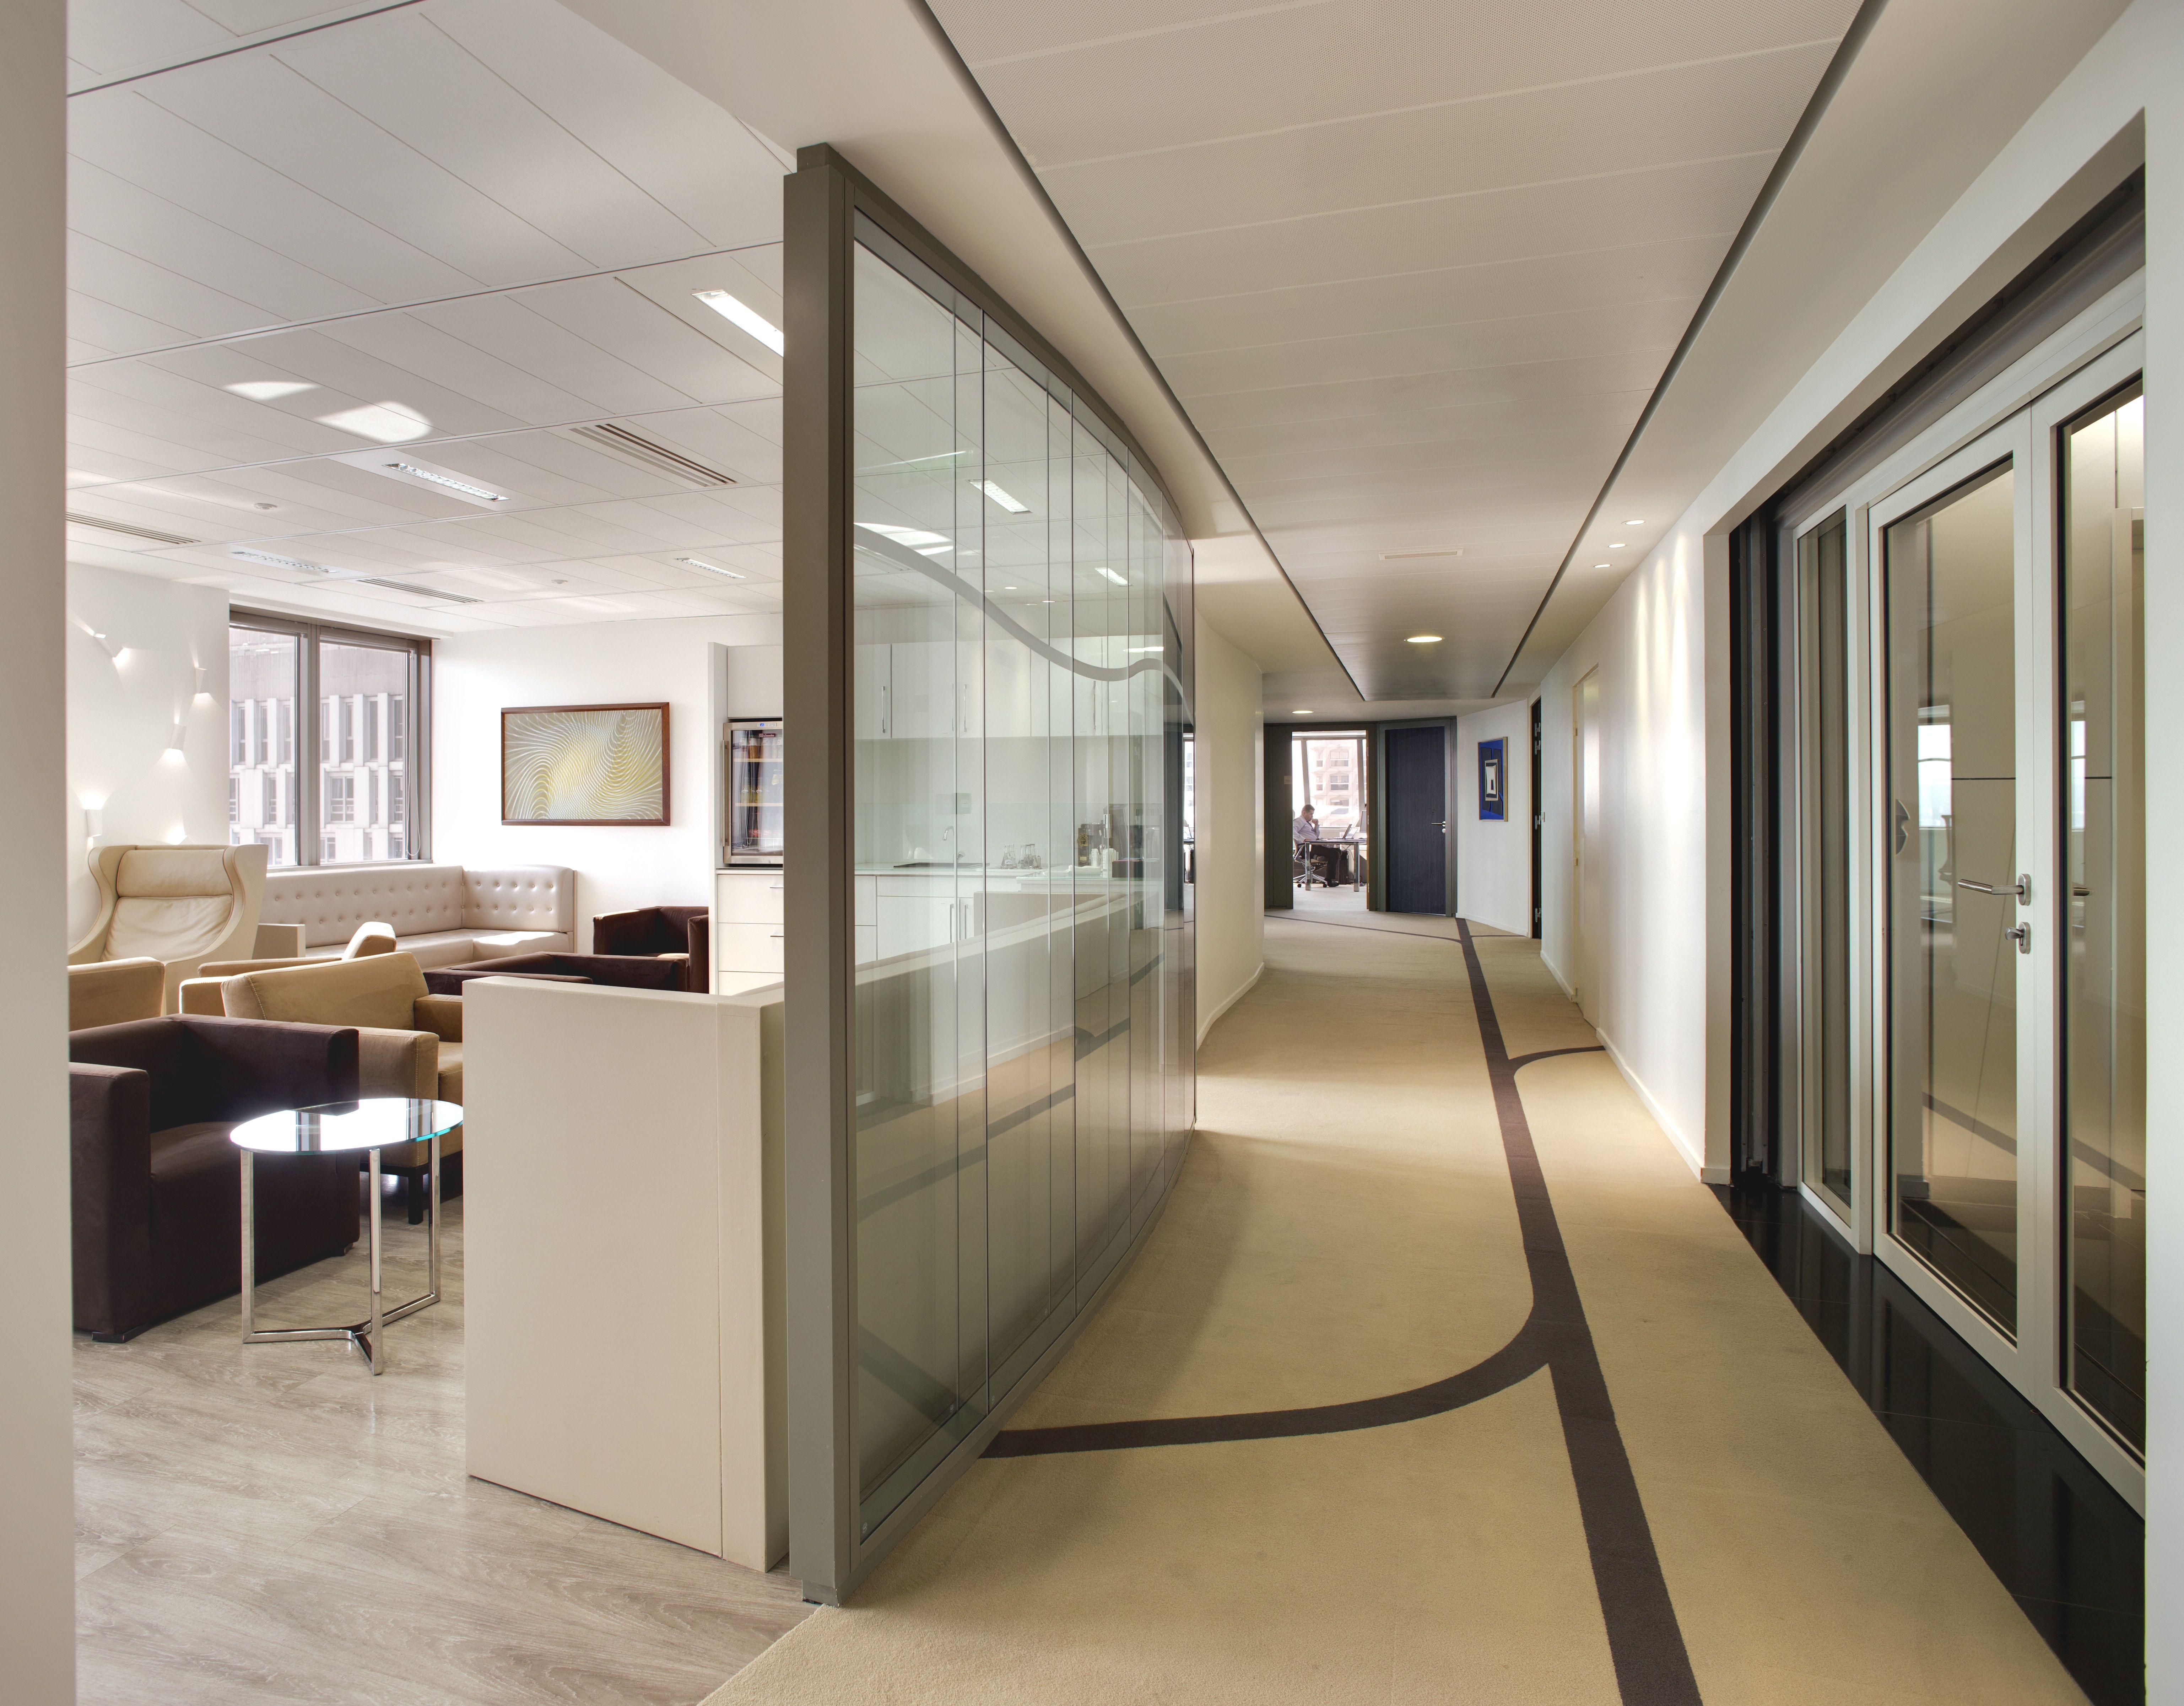 High Quality Hallway Decoration Architectured By Cléram. #style #design #bureau  #architecture #aménagement